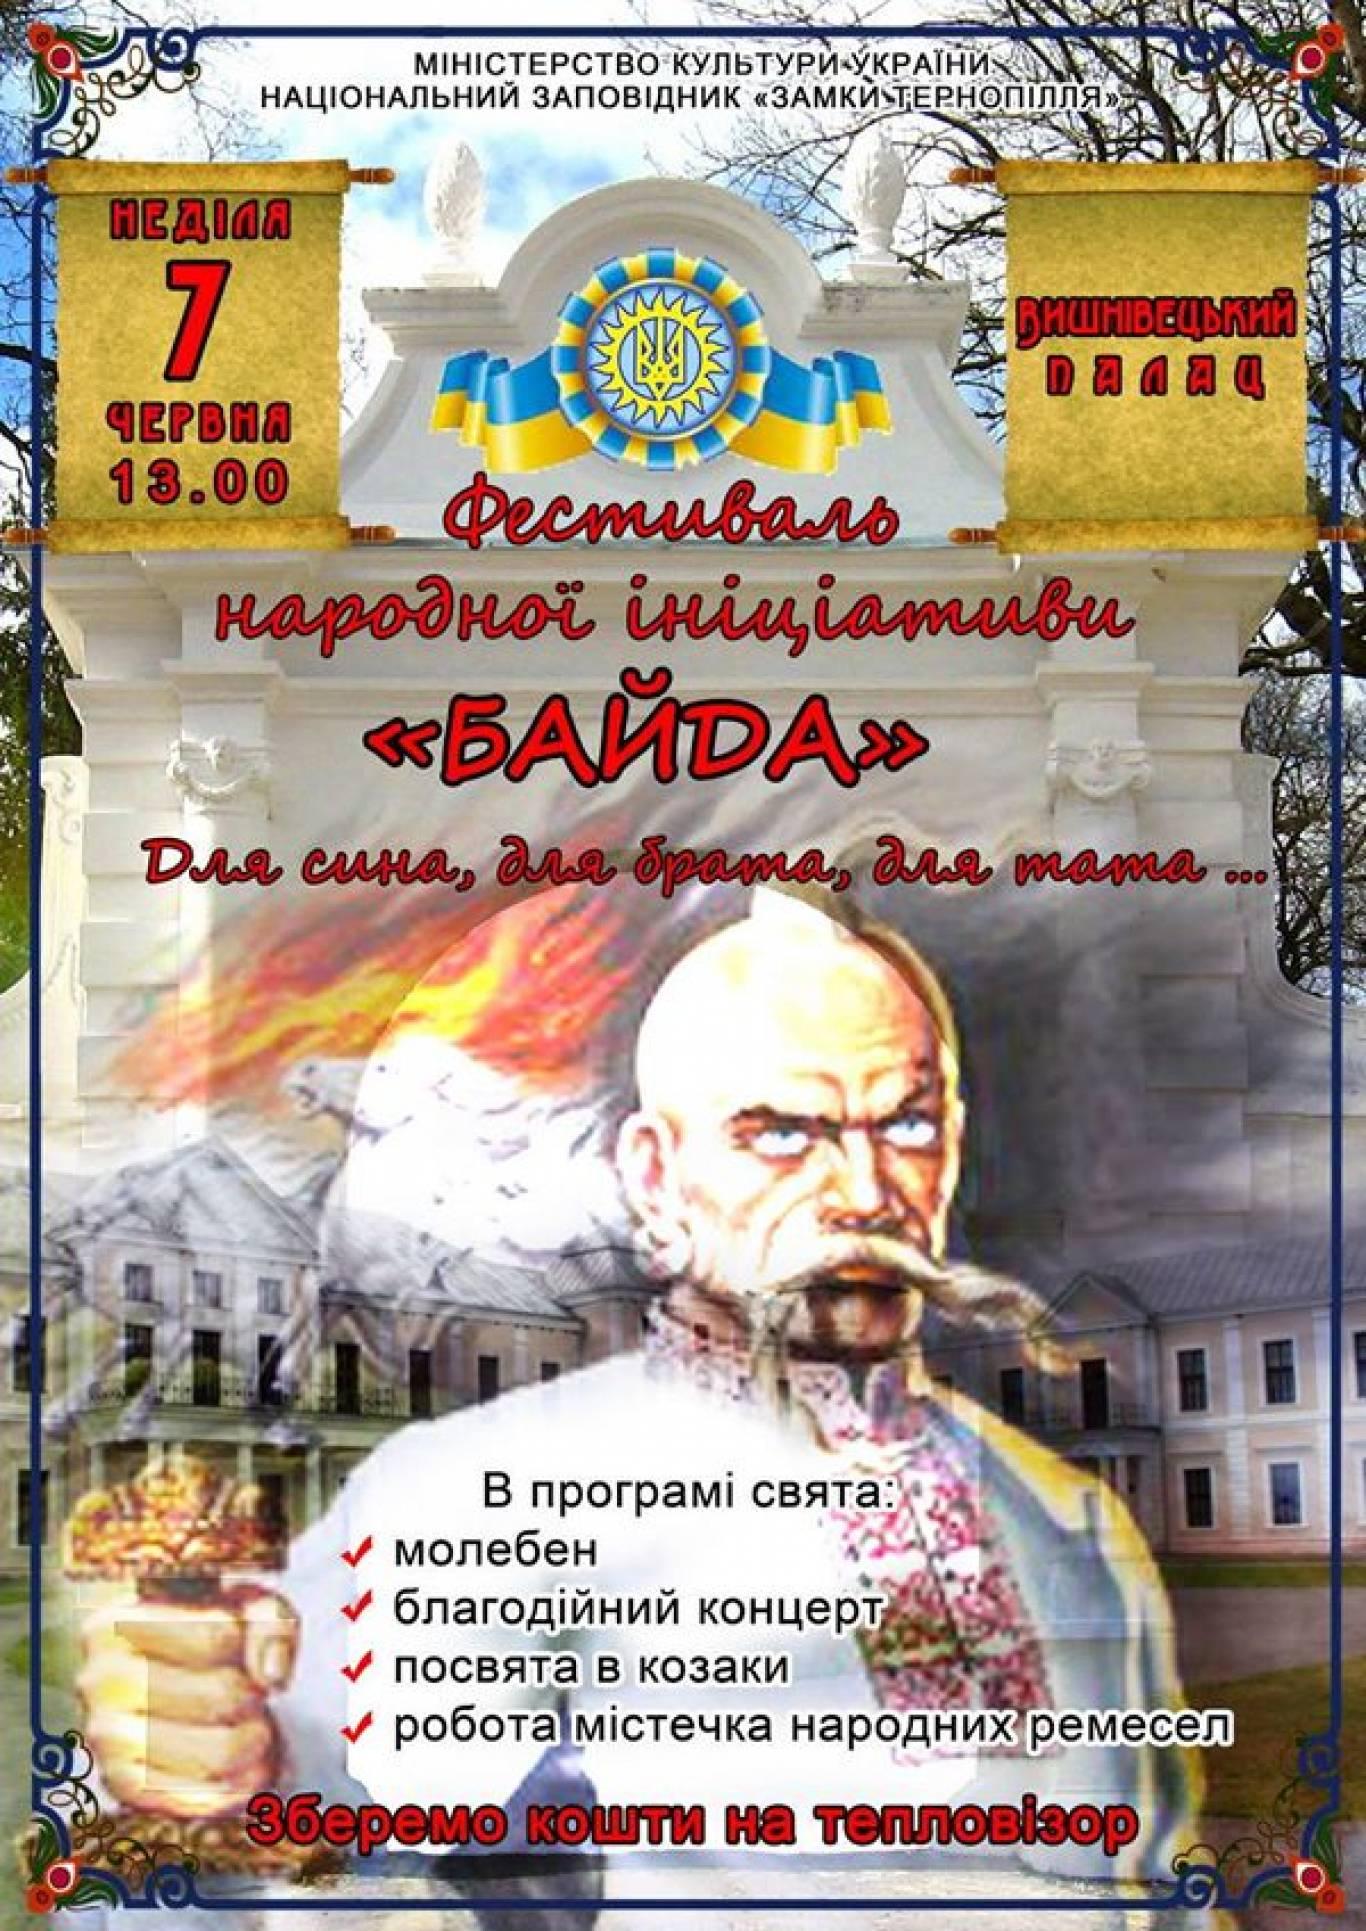 """Фестиваль народної ініціативи """"Байда"""""""